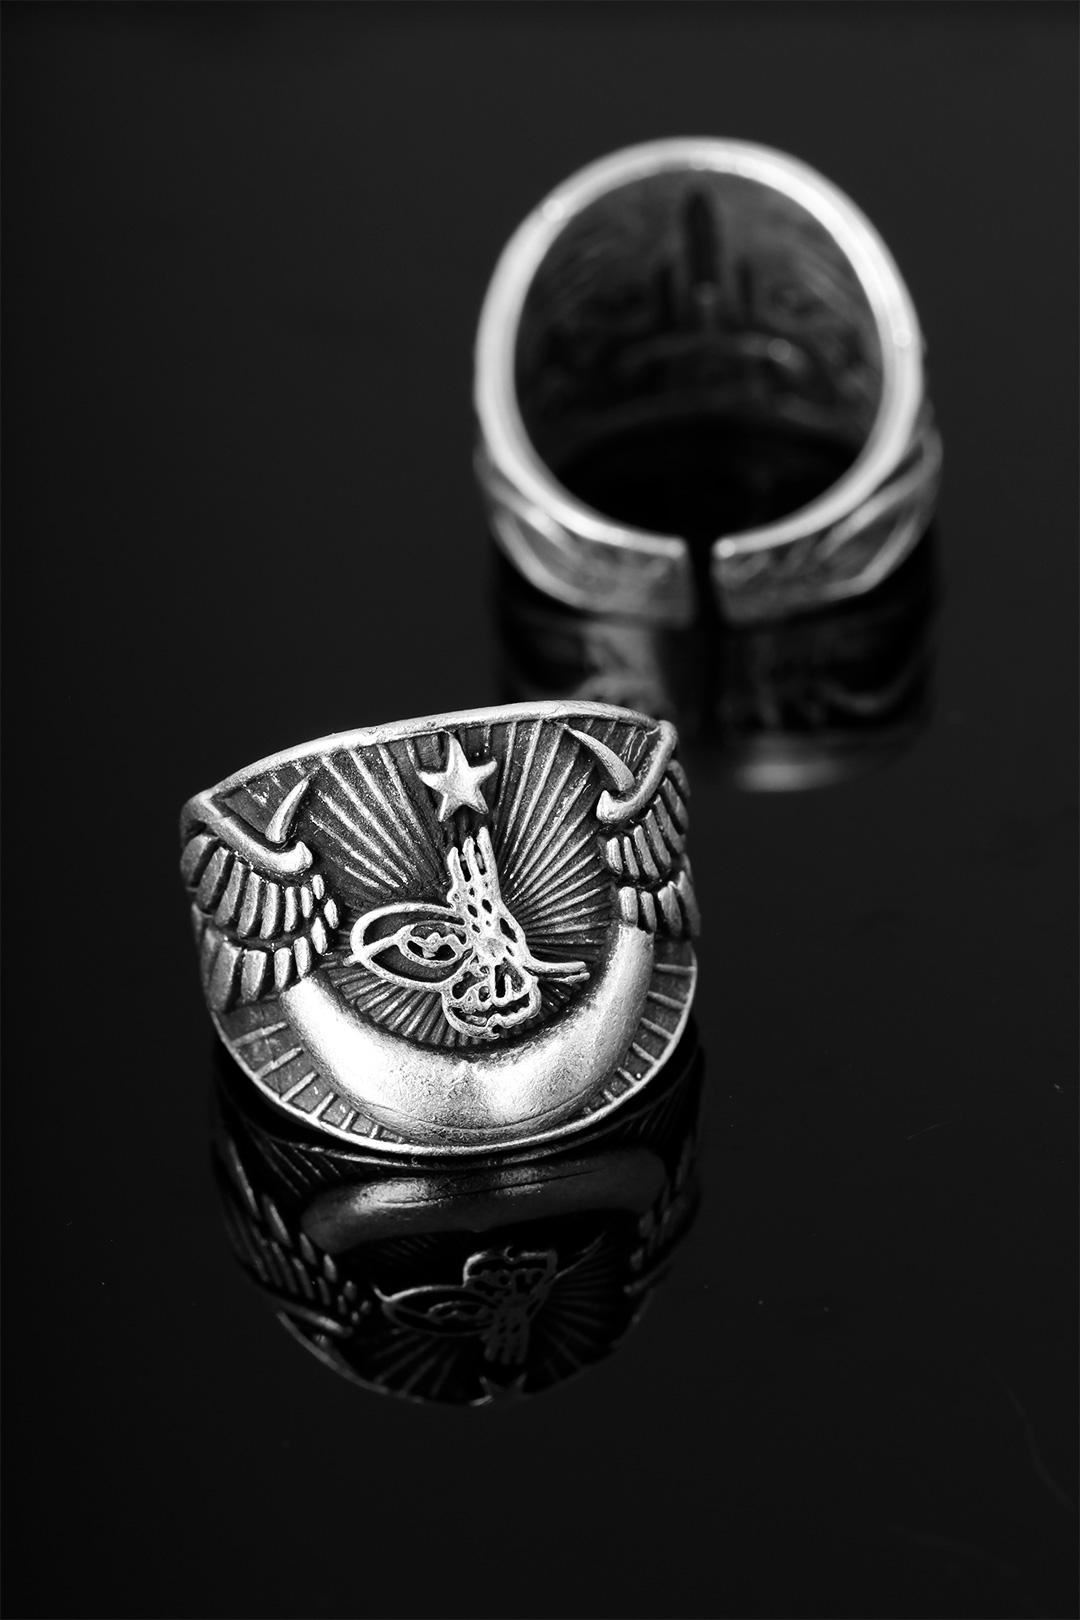 Çelik Osmanlı Tuğra Figürlü Ayarlamalı Erkek Yüzük